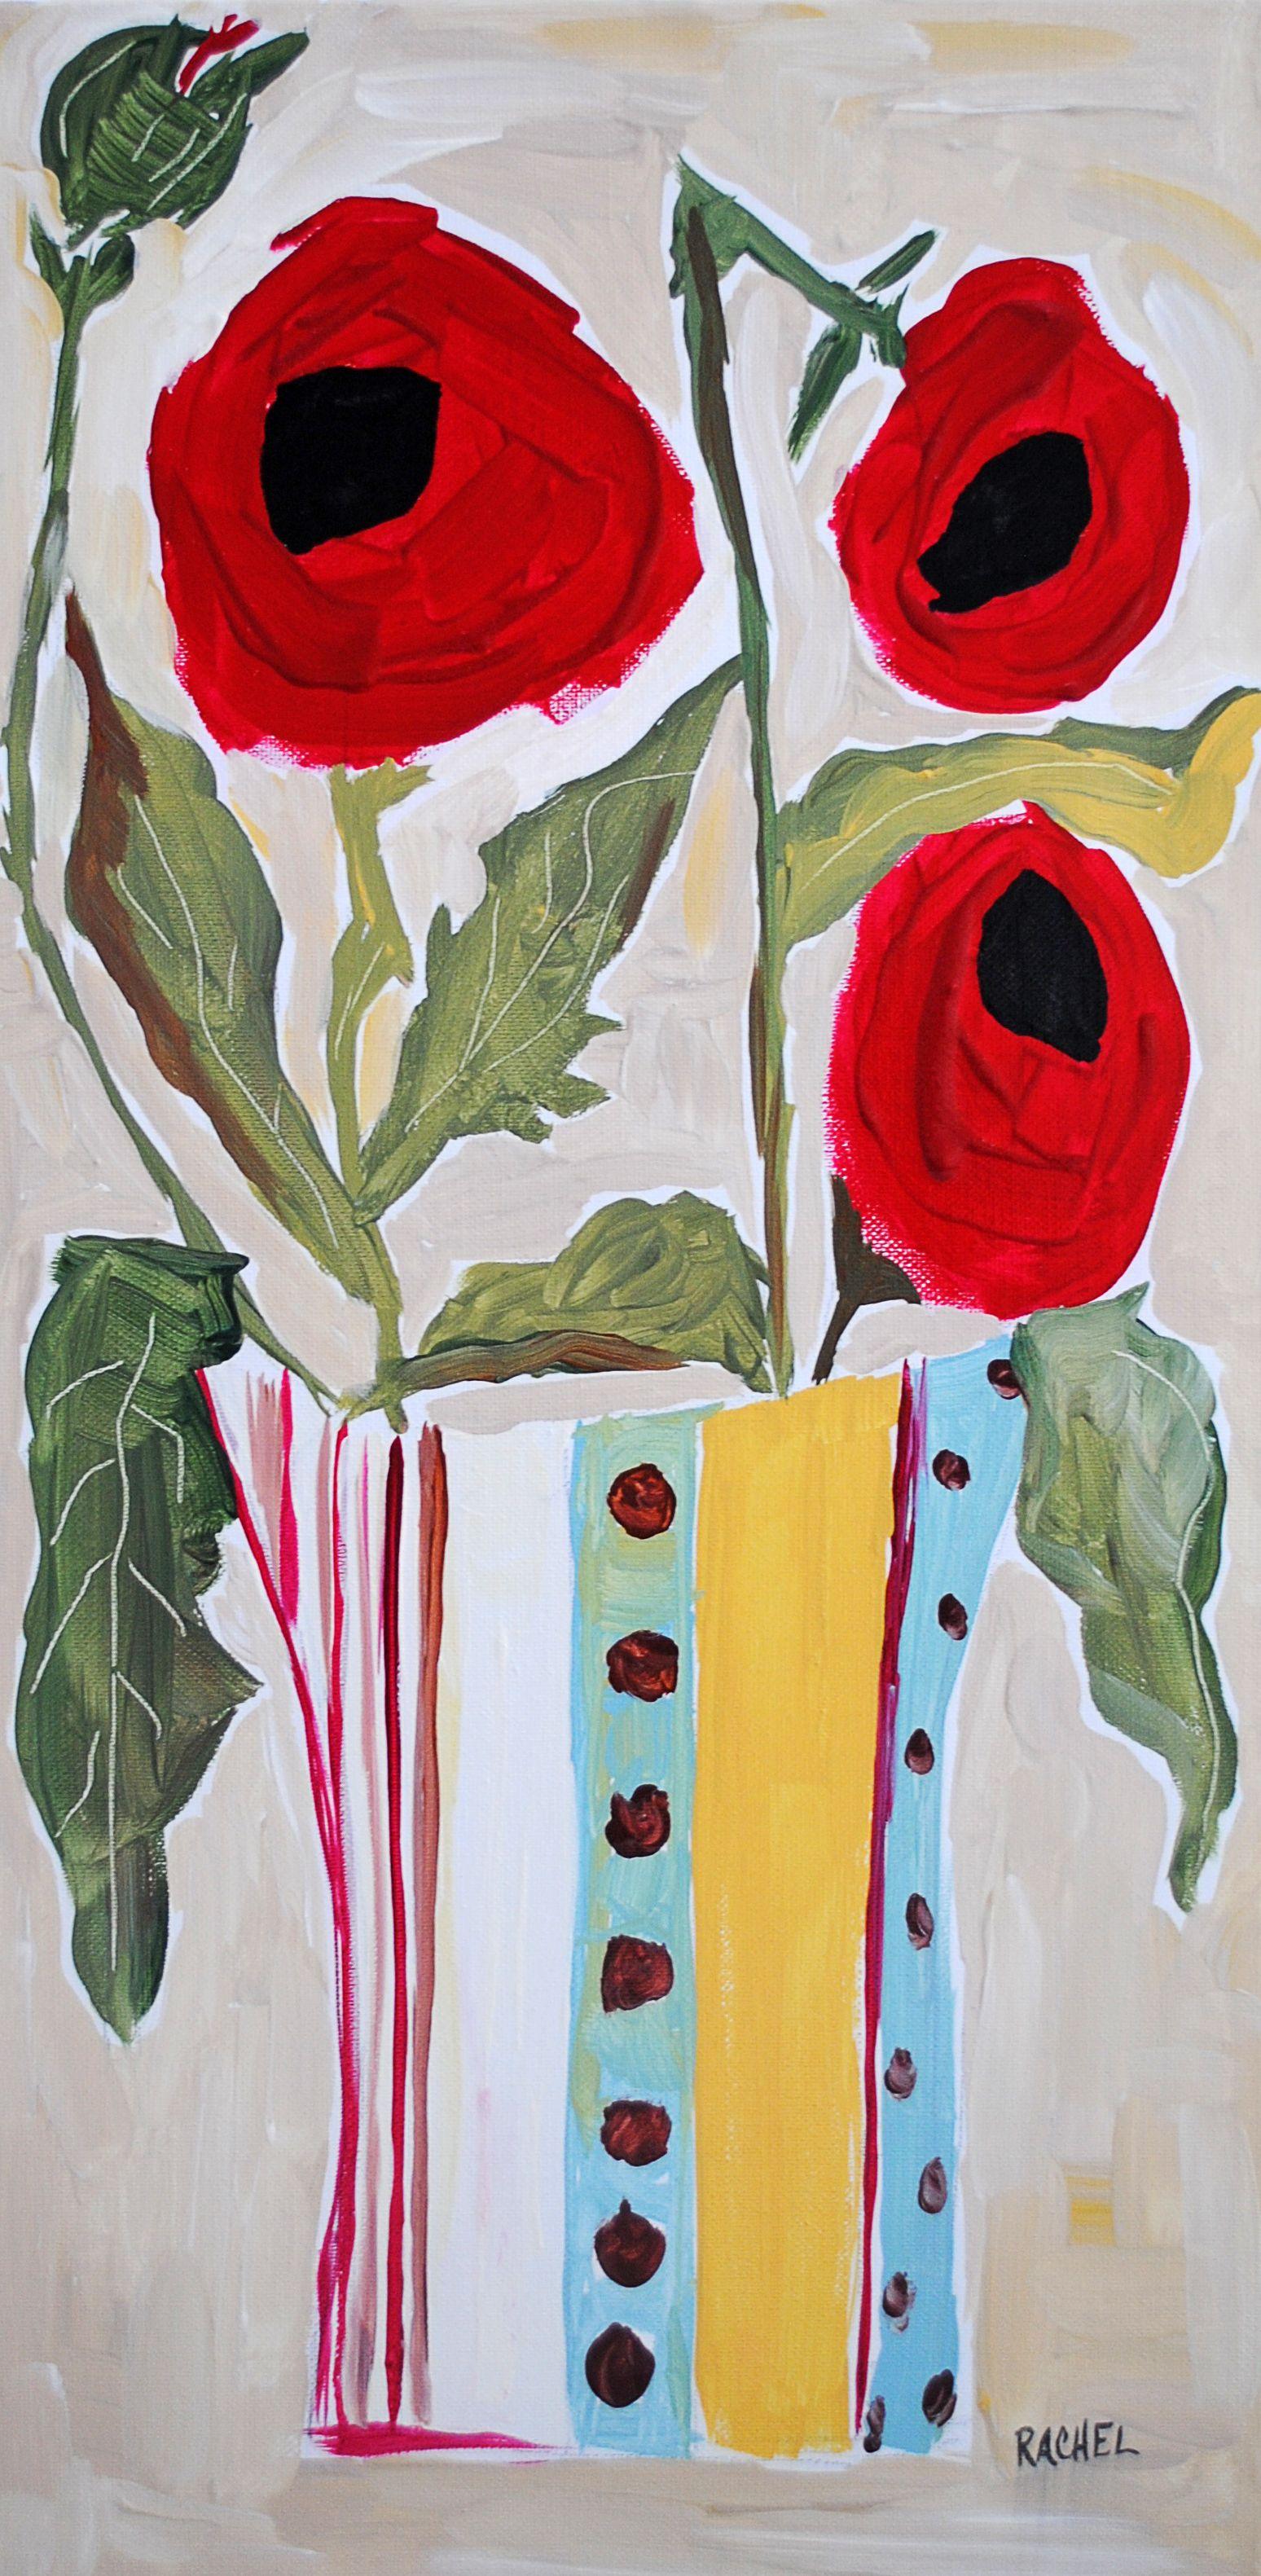 Talula Poppy Painting ByRachel Cordaro I In 2019